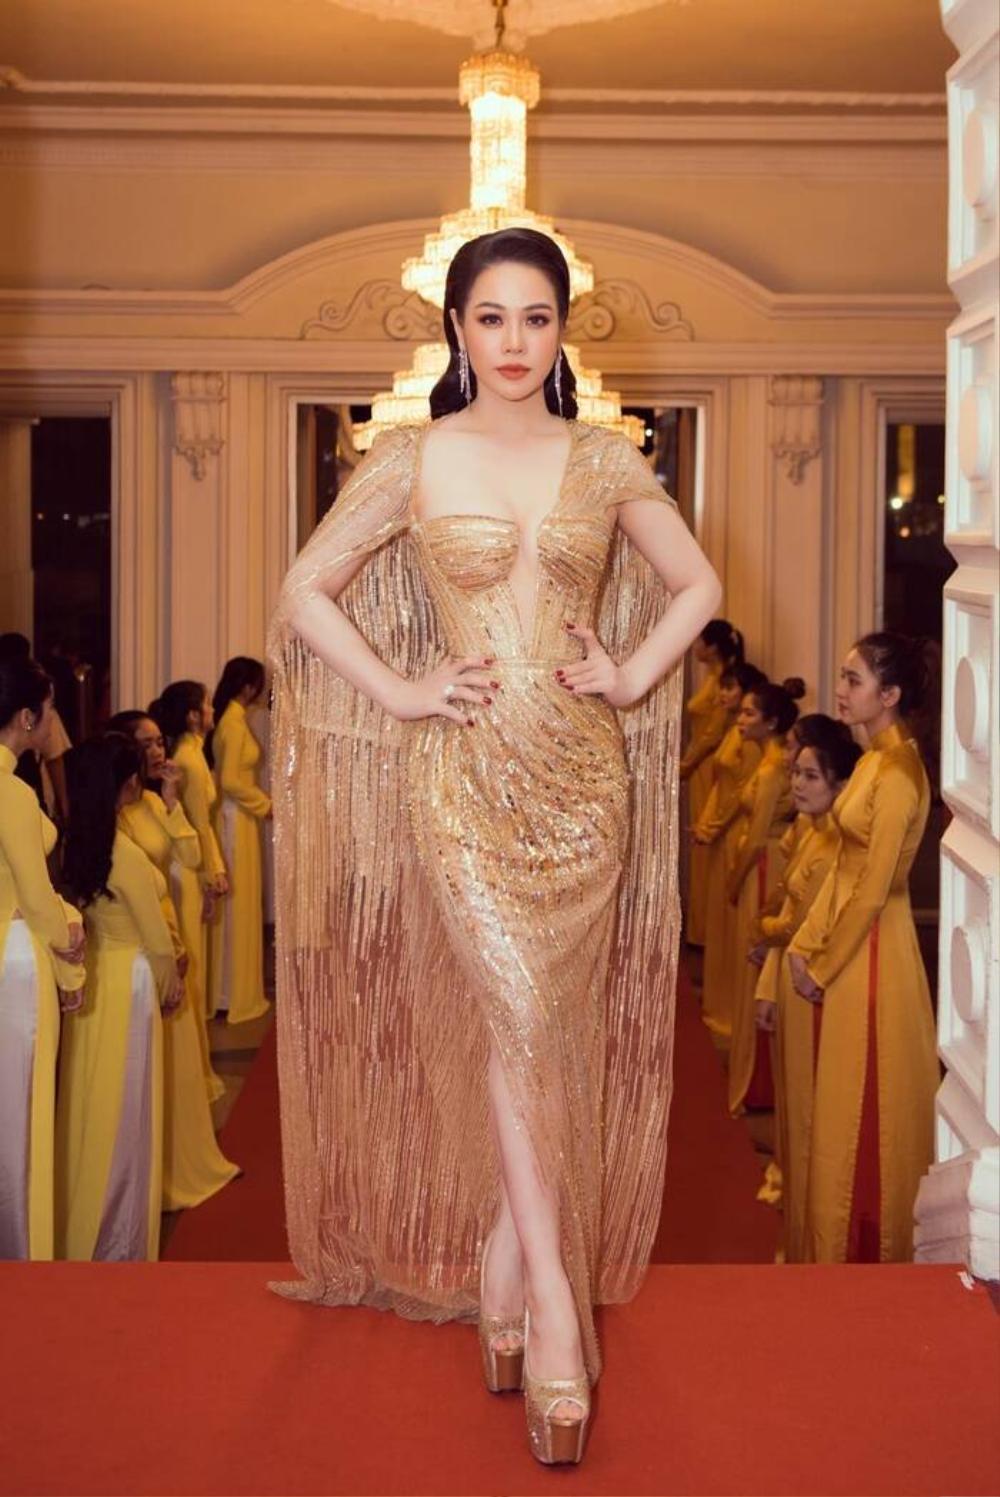 Á hậu Phương Anh đẹp vượt mặt chị đại Thanh Hằng dù đã sửa kết cấu váy, bộ đầm tạo kỉ lục mới! Ảnh 9